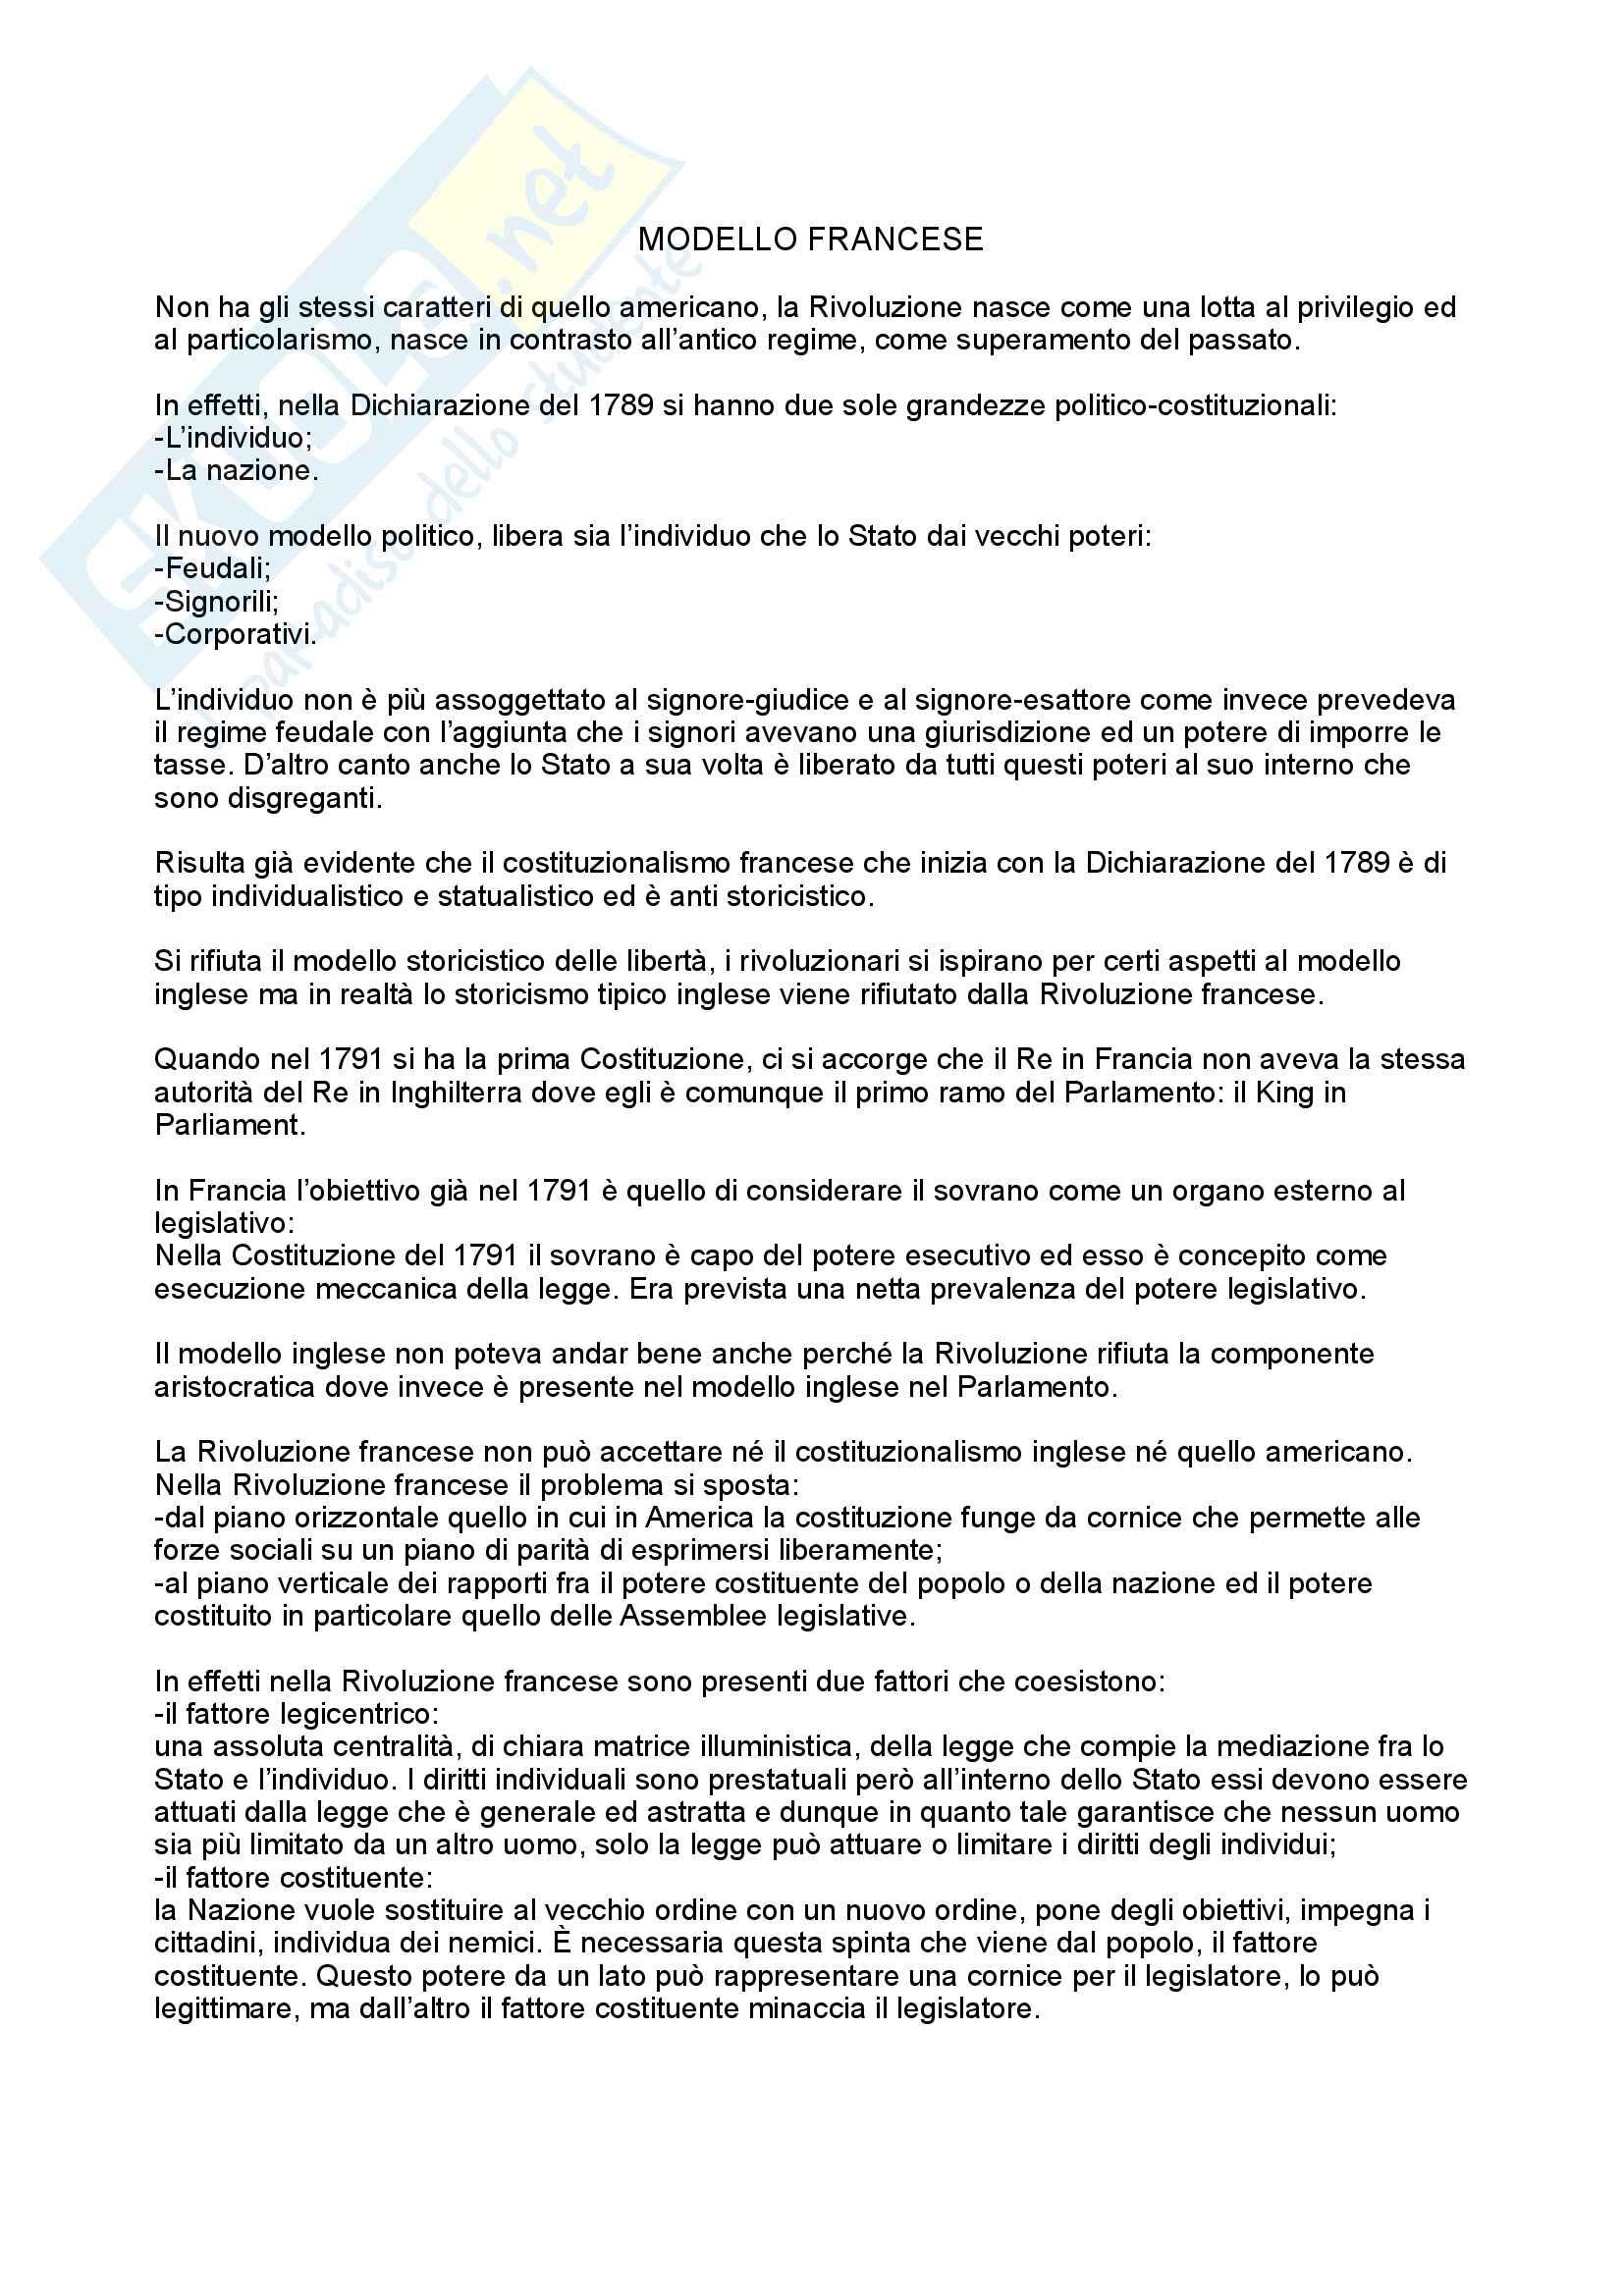 Storia delle costituzioni e codificazioni moderne Pag. 56